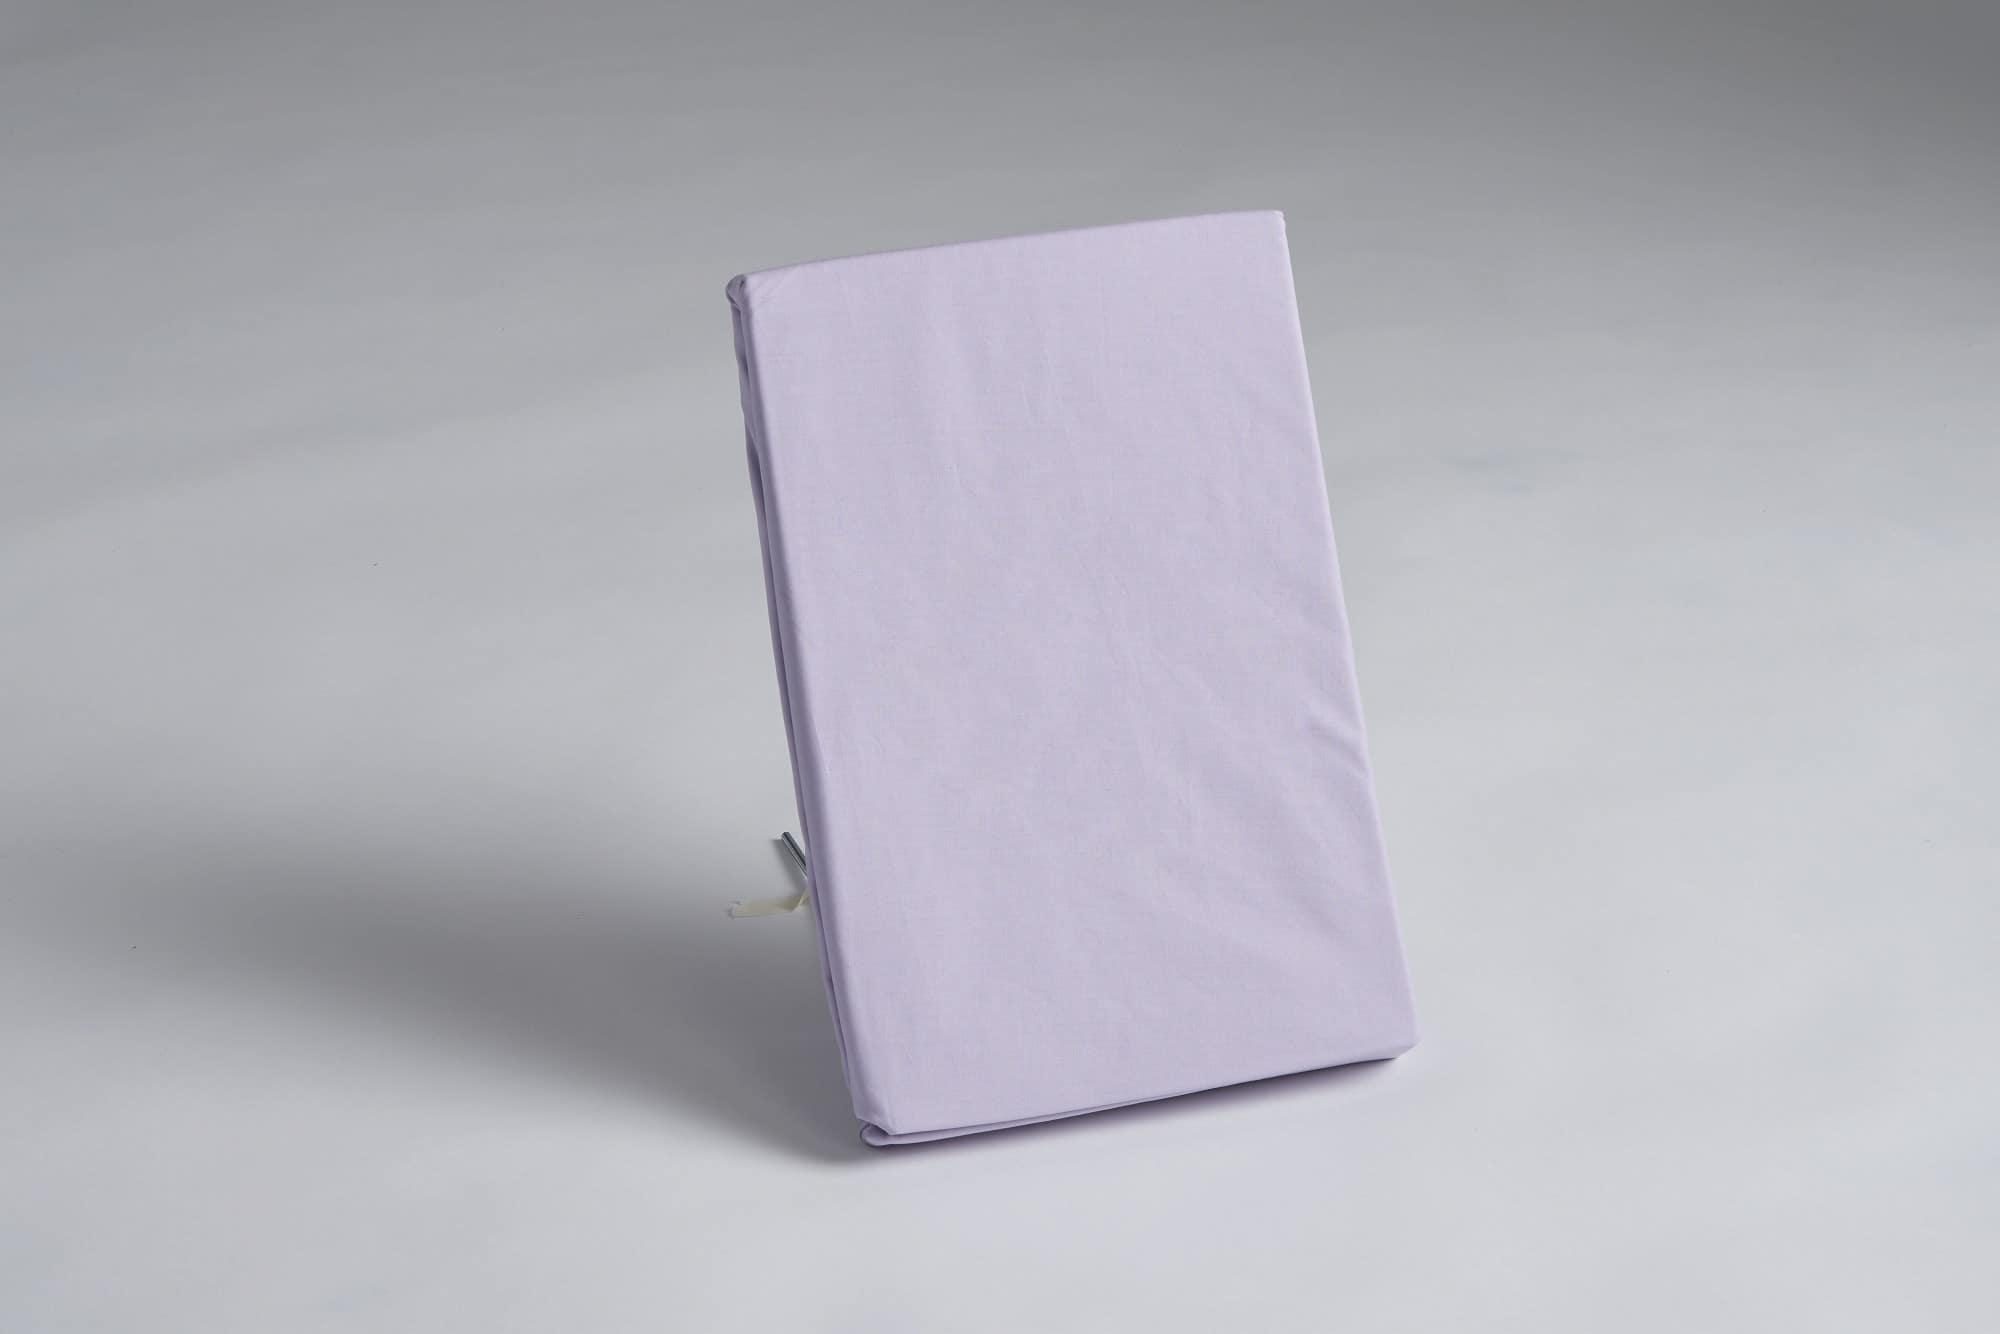 ボックスシーツ シングル用 30H パープル